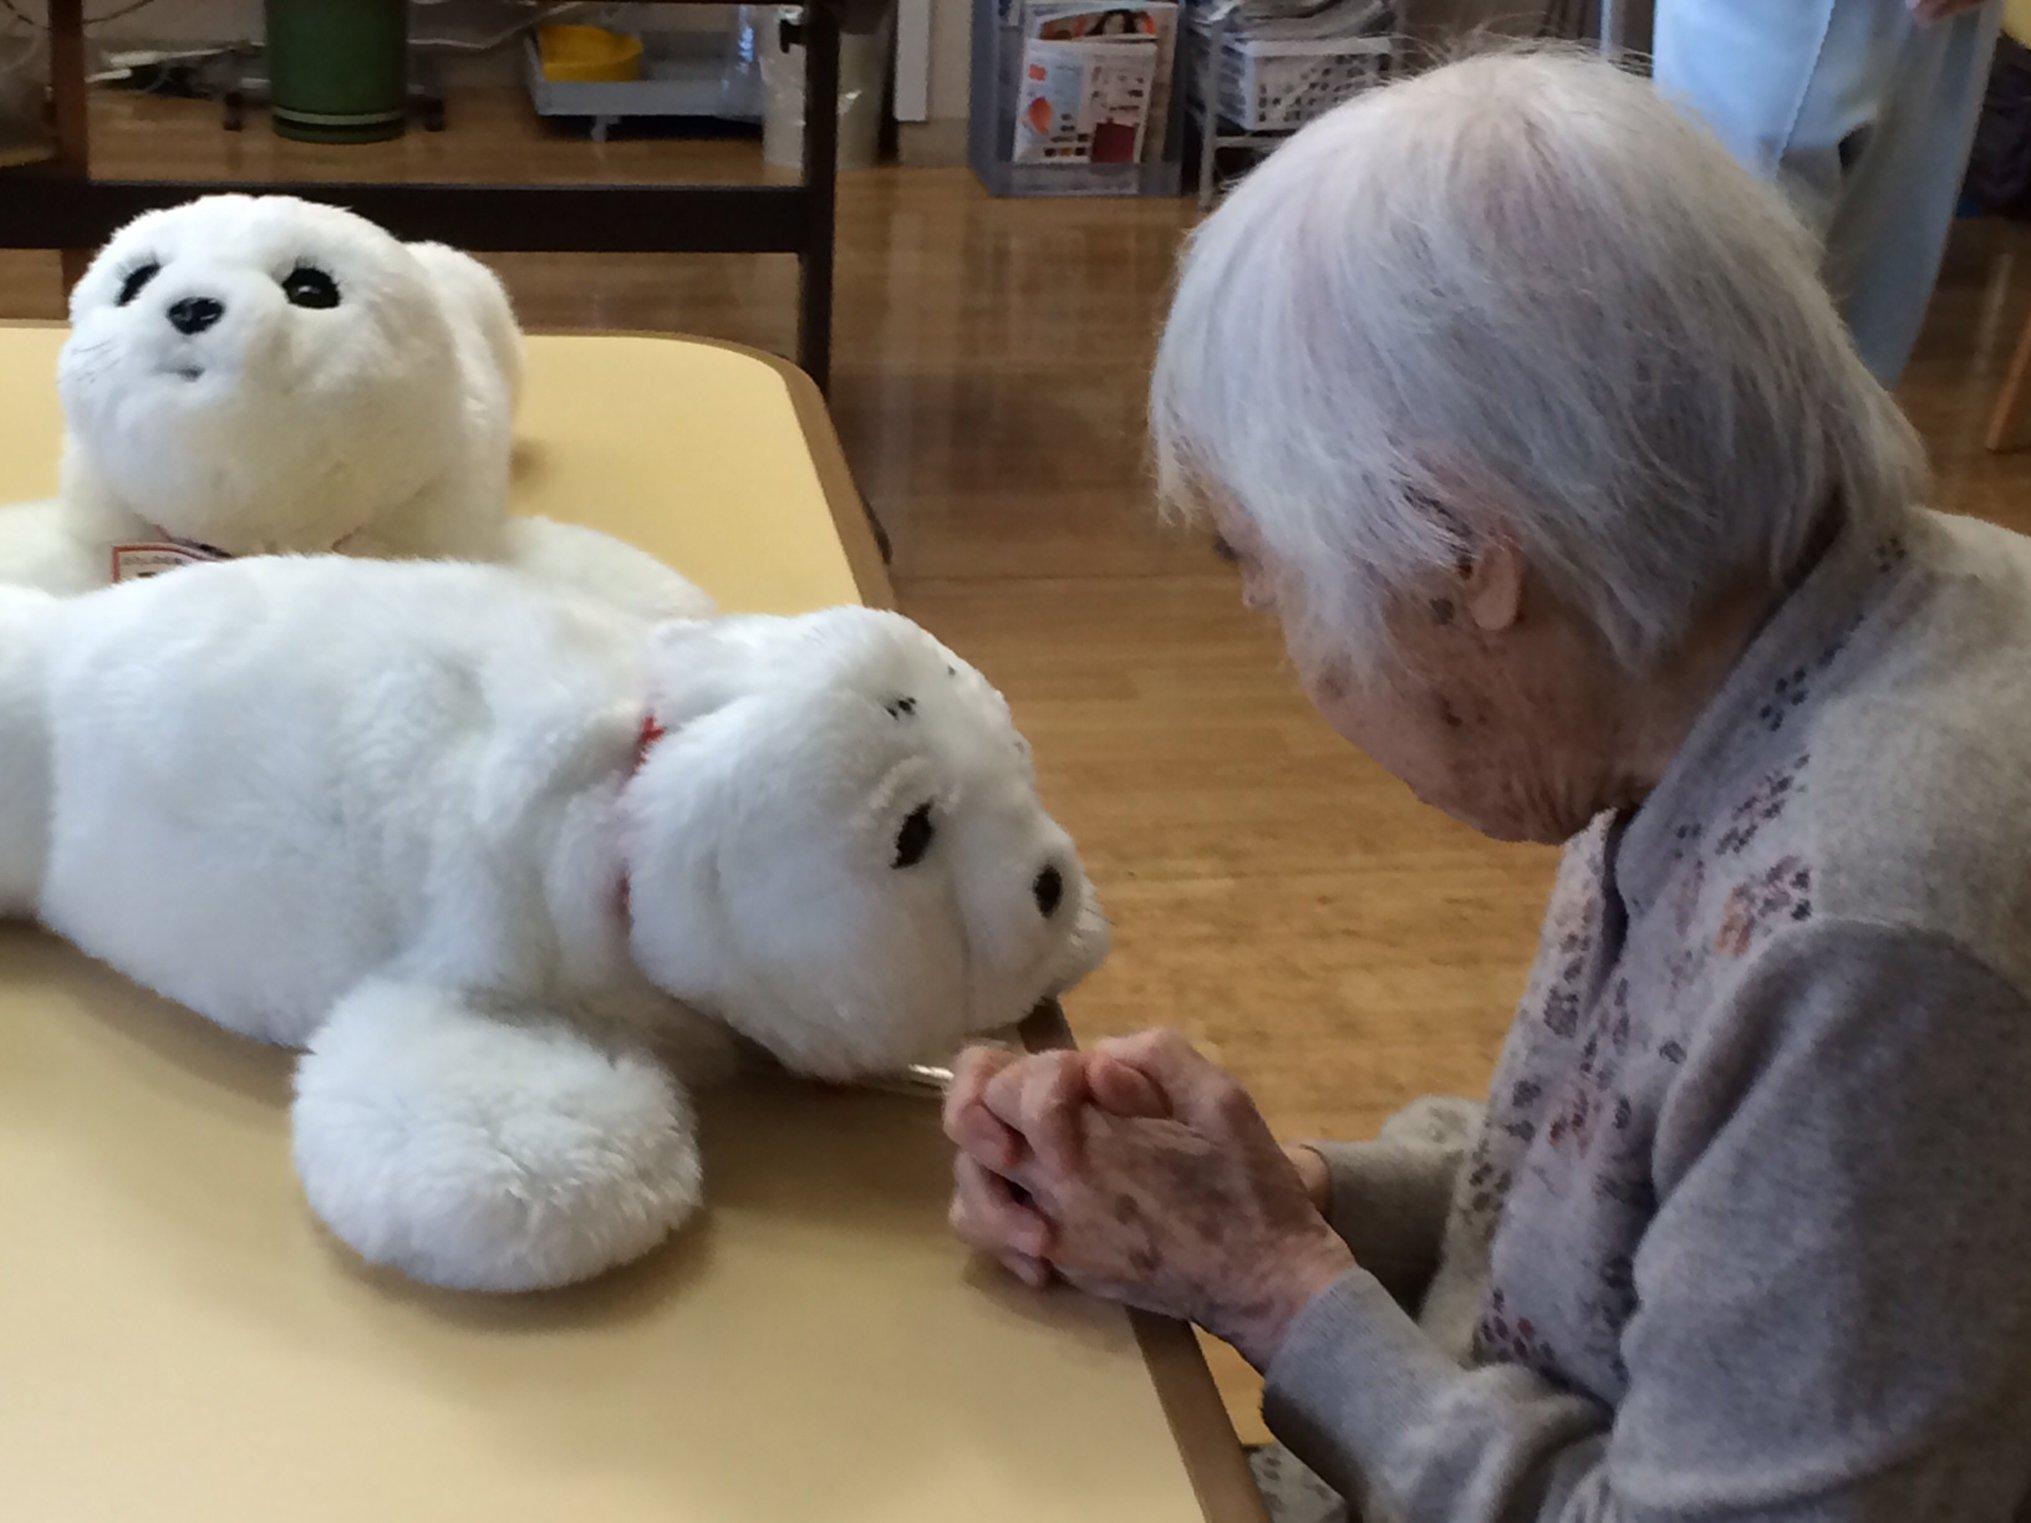 Japan sieht unter anderem Pflegeroboter als Massenmarkt. Für Bewohner der Altersheime bietet der Hersteller Focal Meditec die Roboter-Kuschelrobbe Paro an.